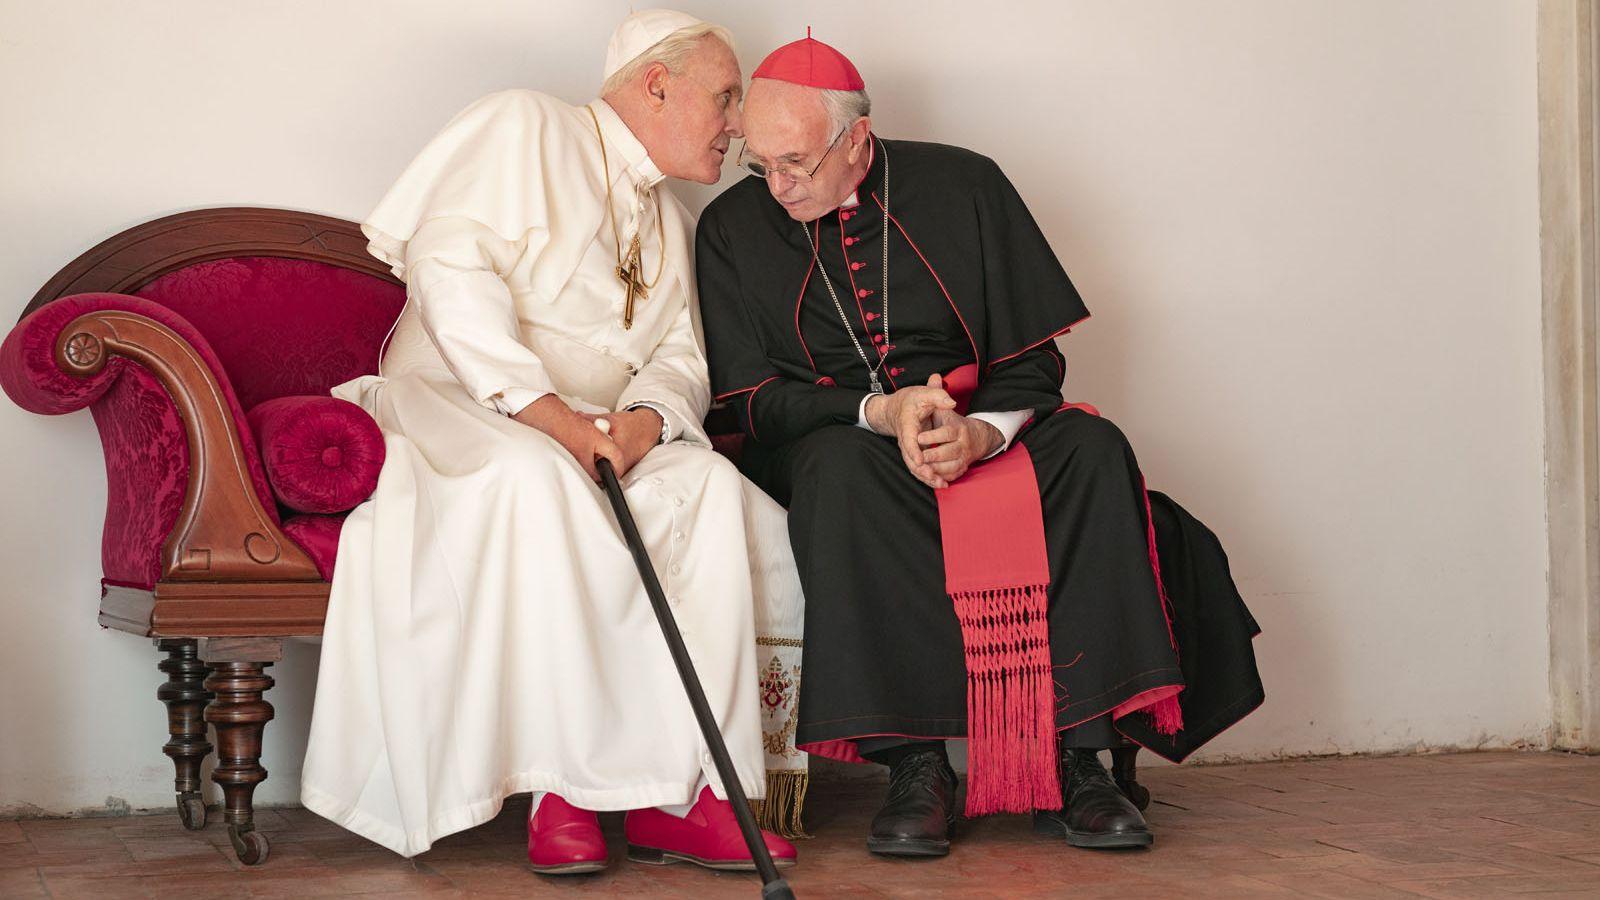 Gezeichnet vom Vatikan-Skandal